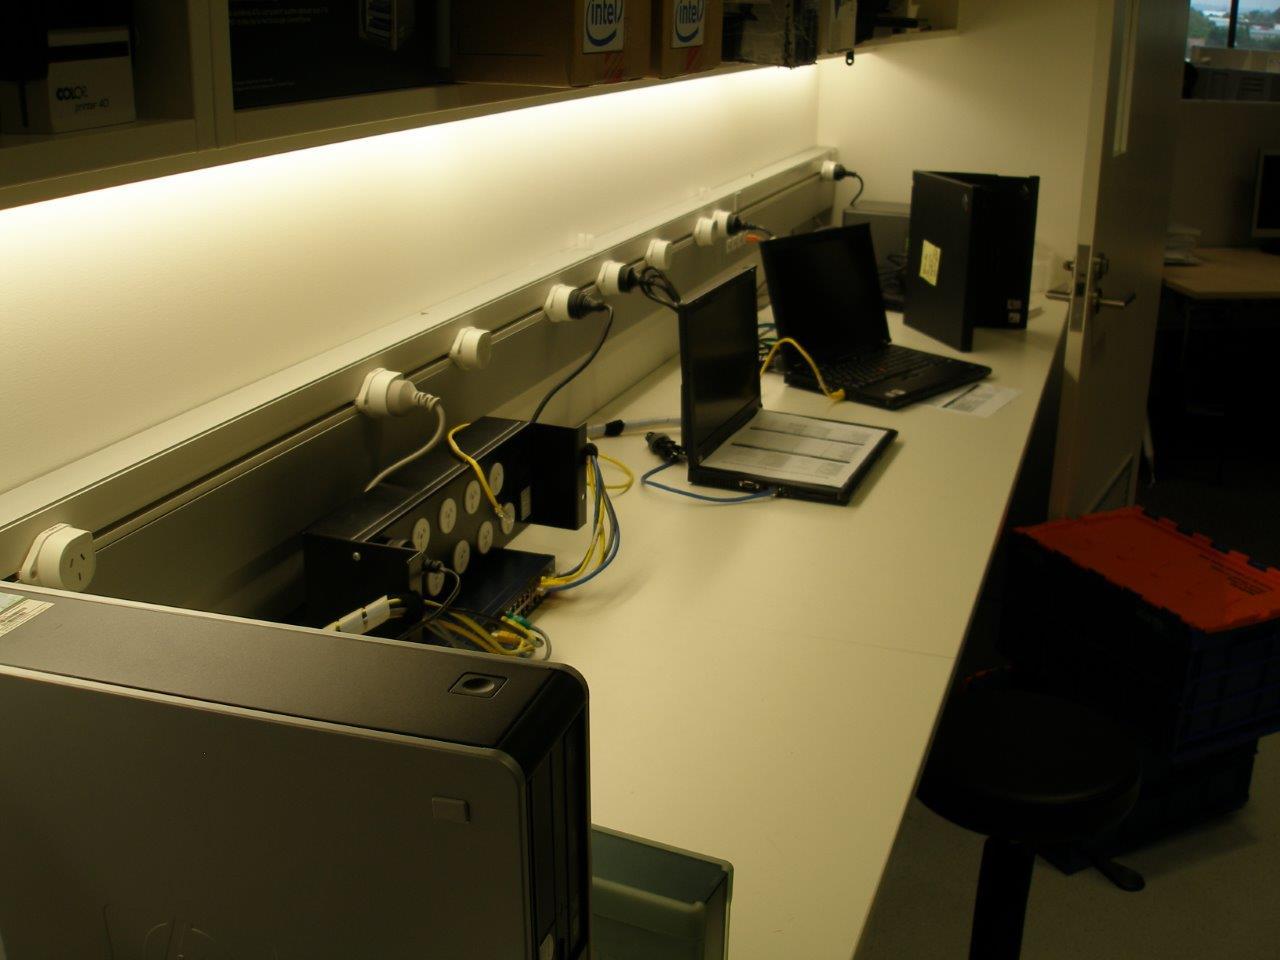 Stroomrail boven de werkplek